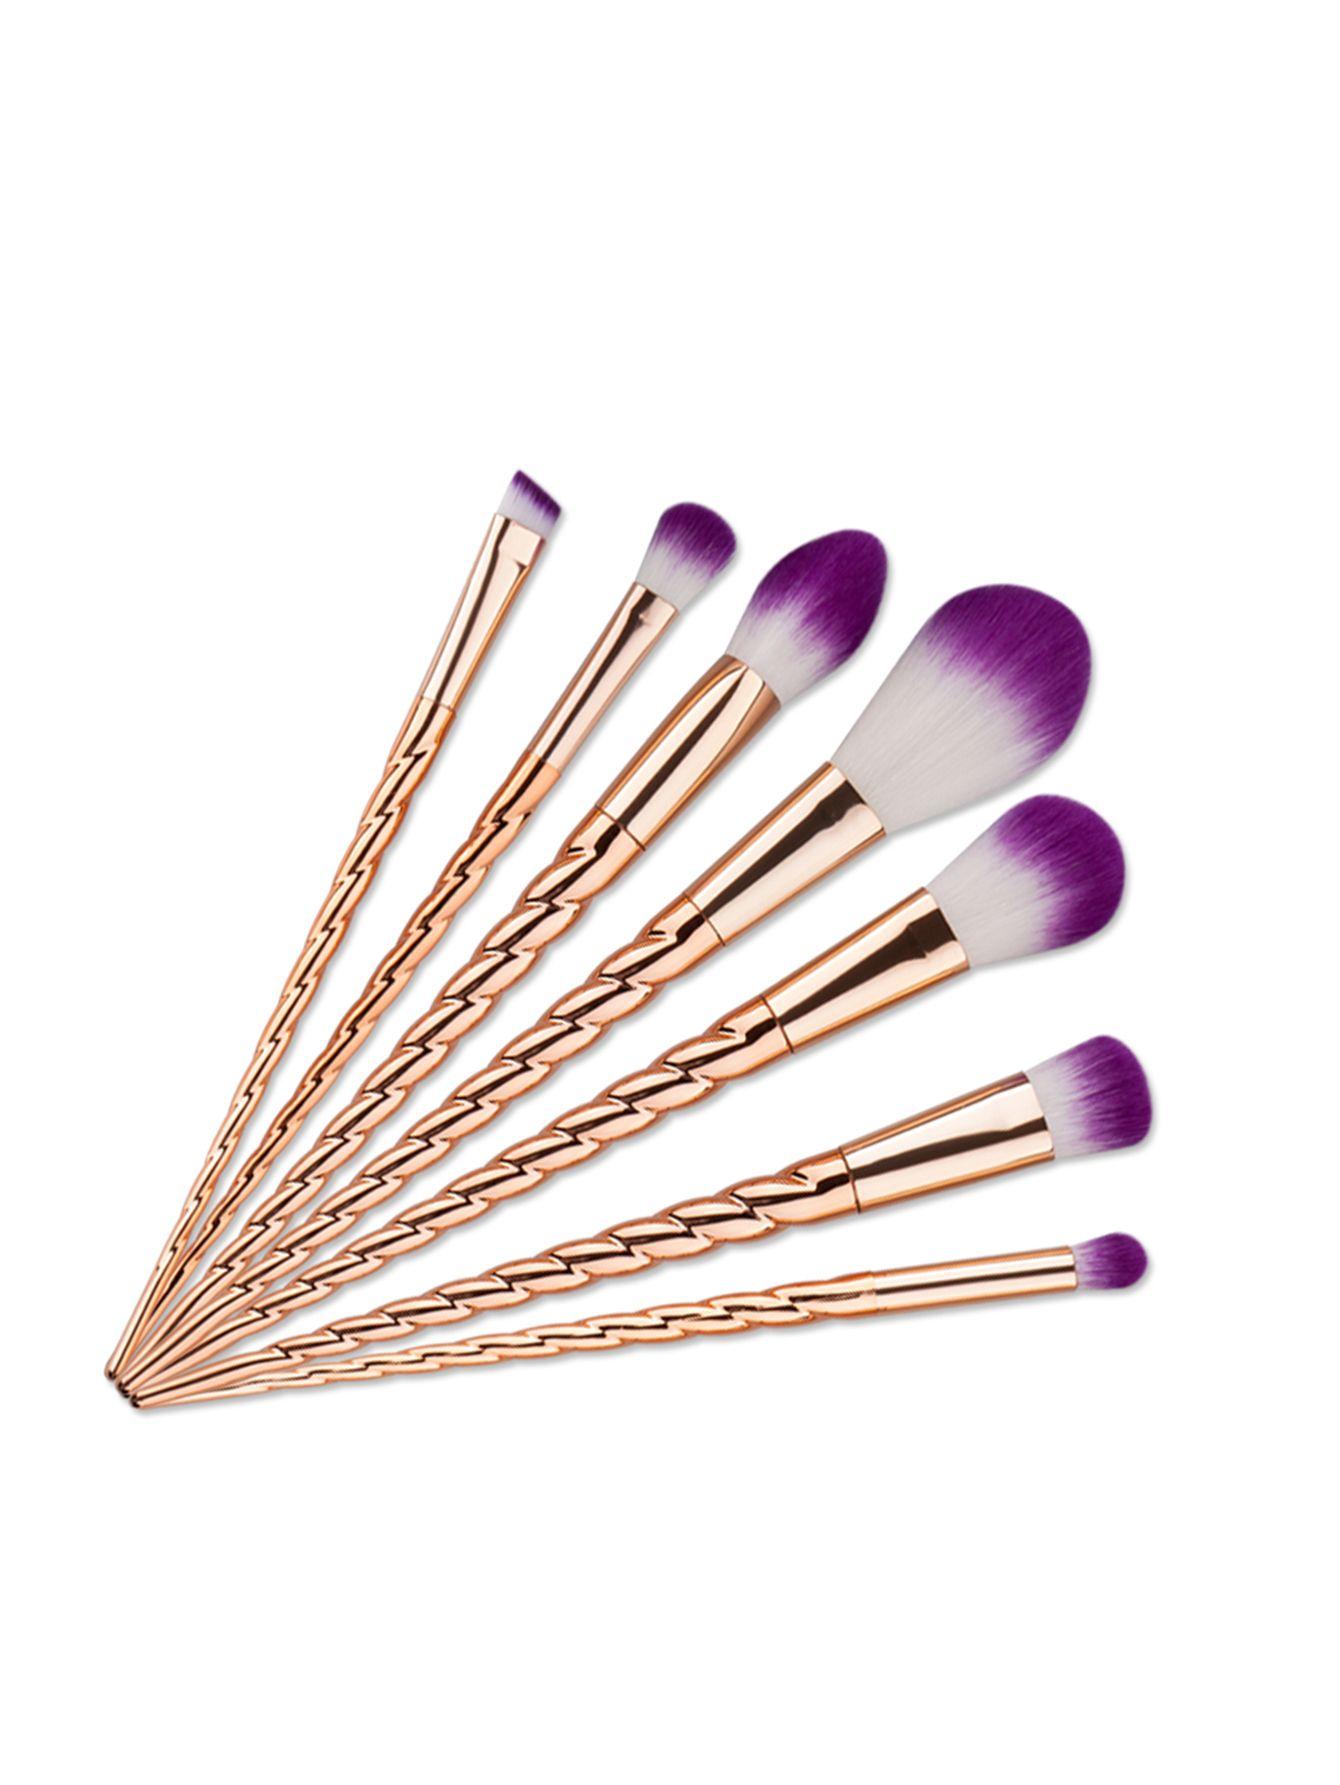 c7074c9316 Shop Gold Unicorn Design Makeup Brush 7PCS online. SheIn offers Gold  Unicorn Design Makeup Brush 7PCS & more to fit your fashionable needs.